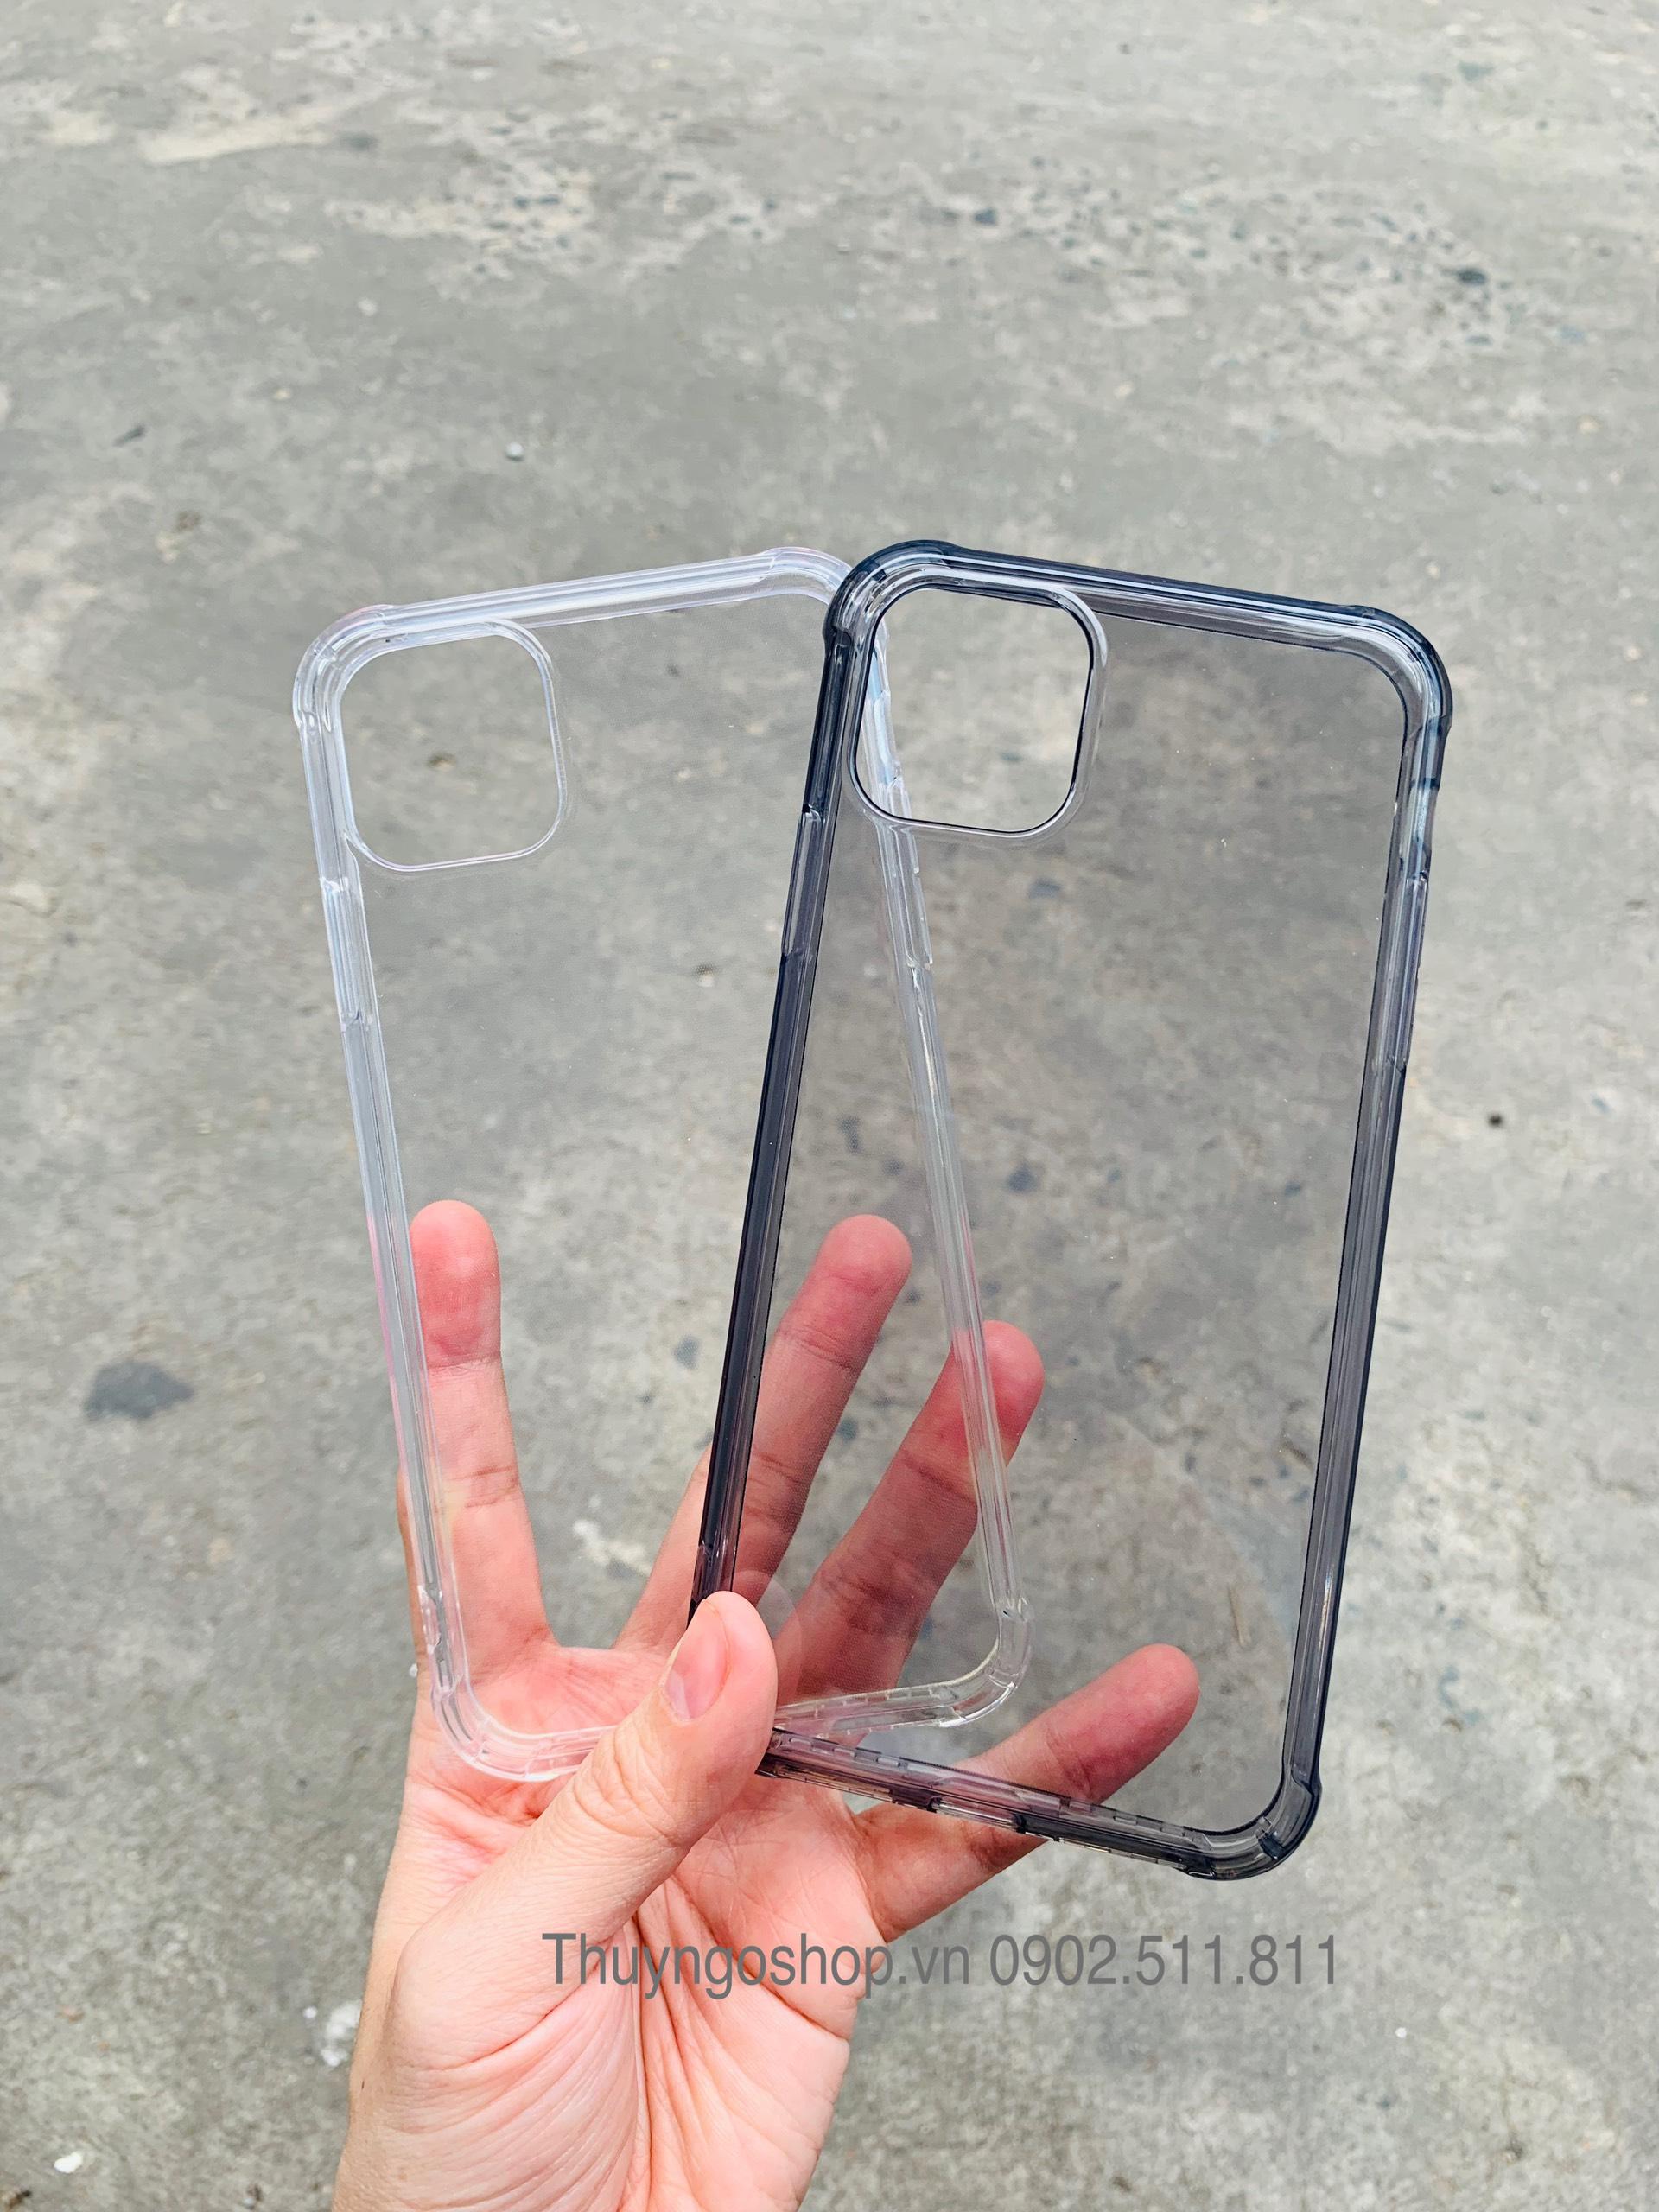 Ốp dẻo chống sốc Iphone 2019 / 7plus / 8plus / 6 / 7 / 8